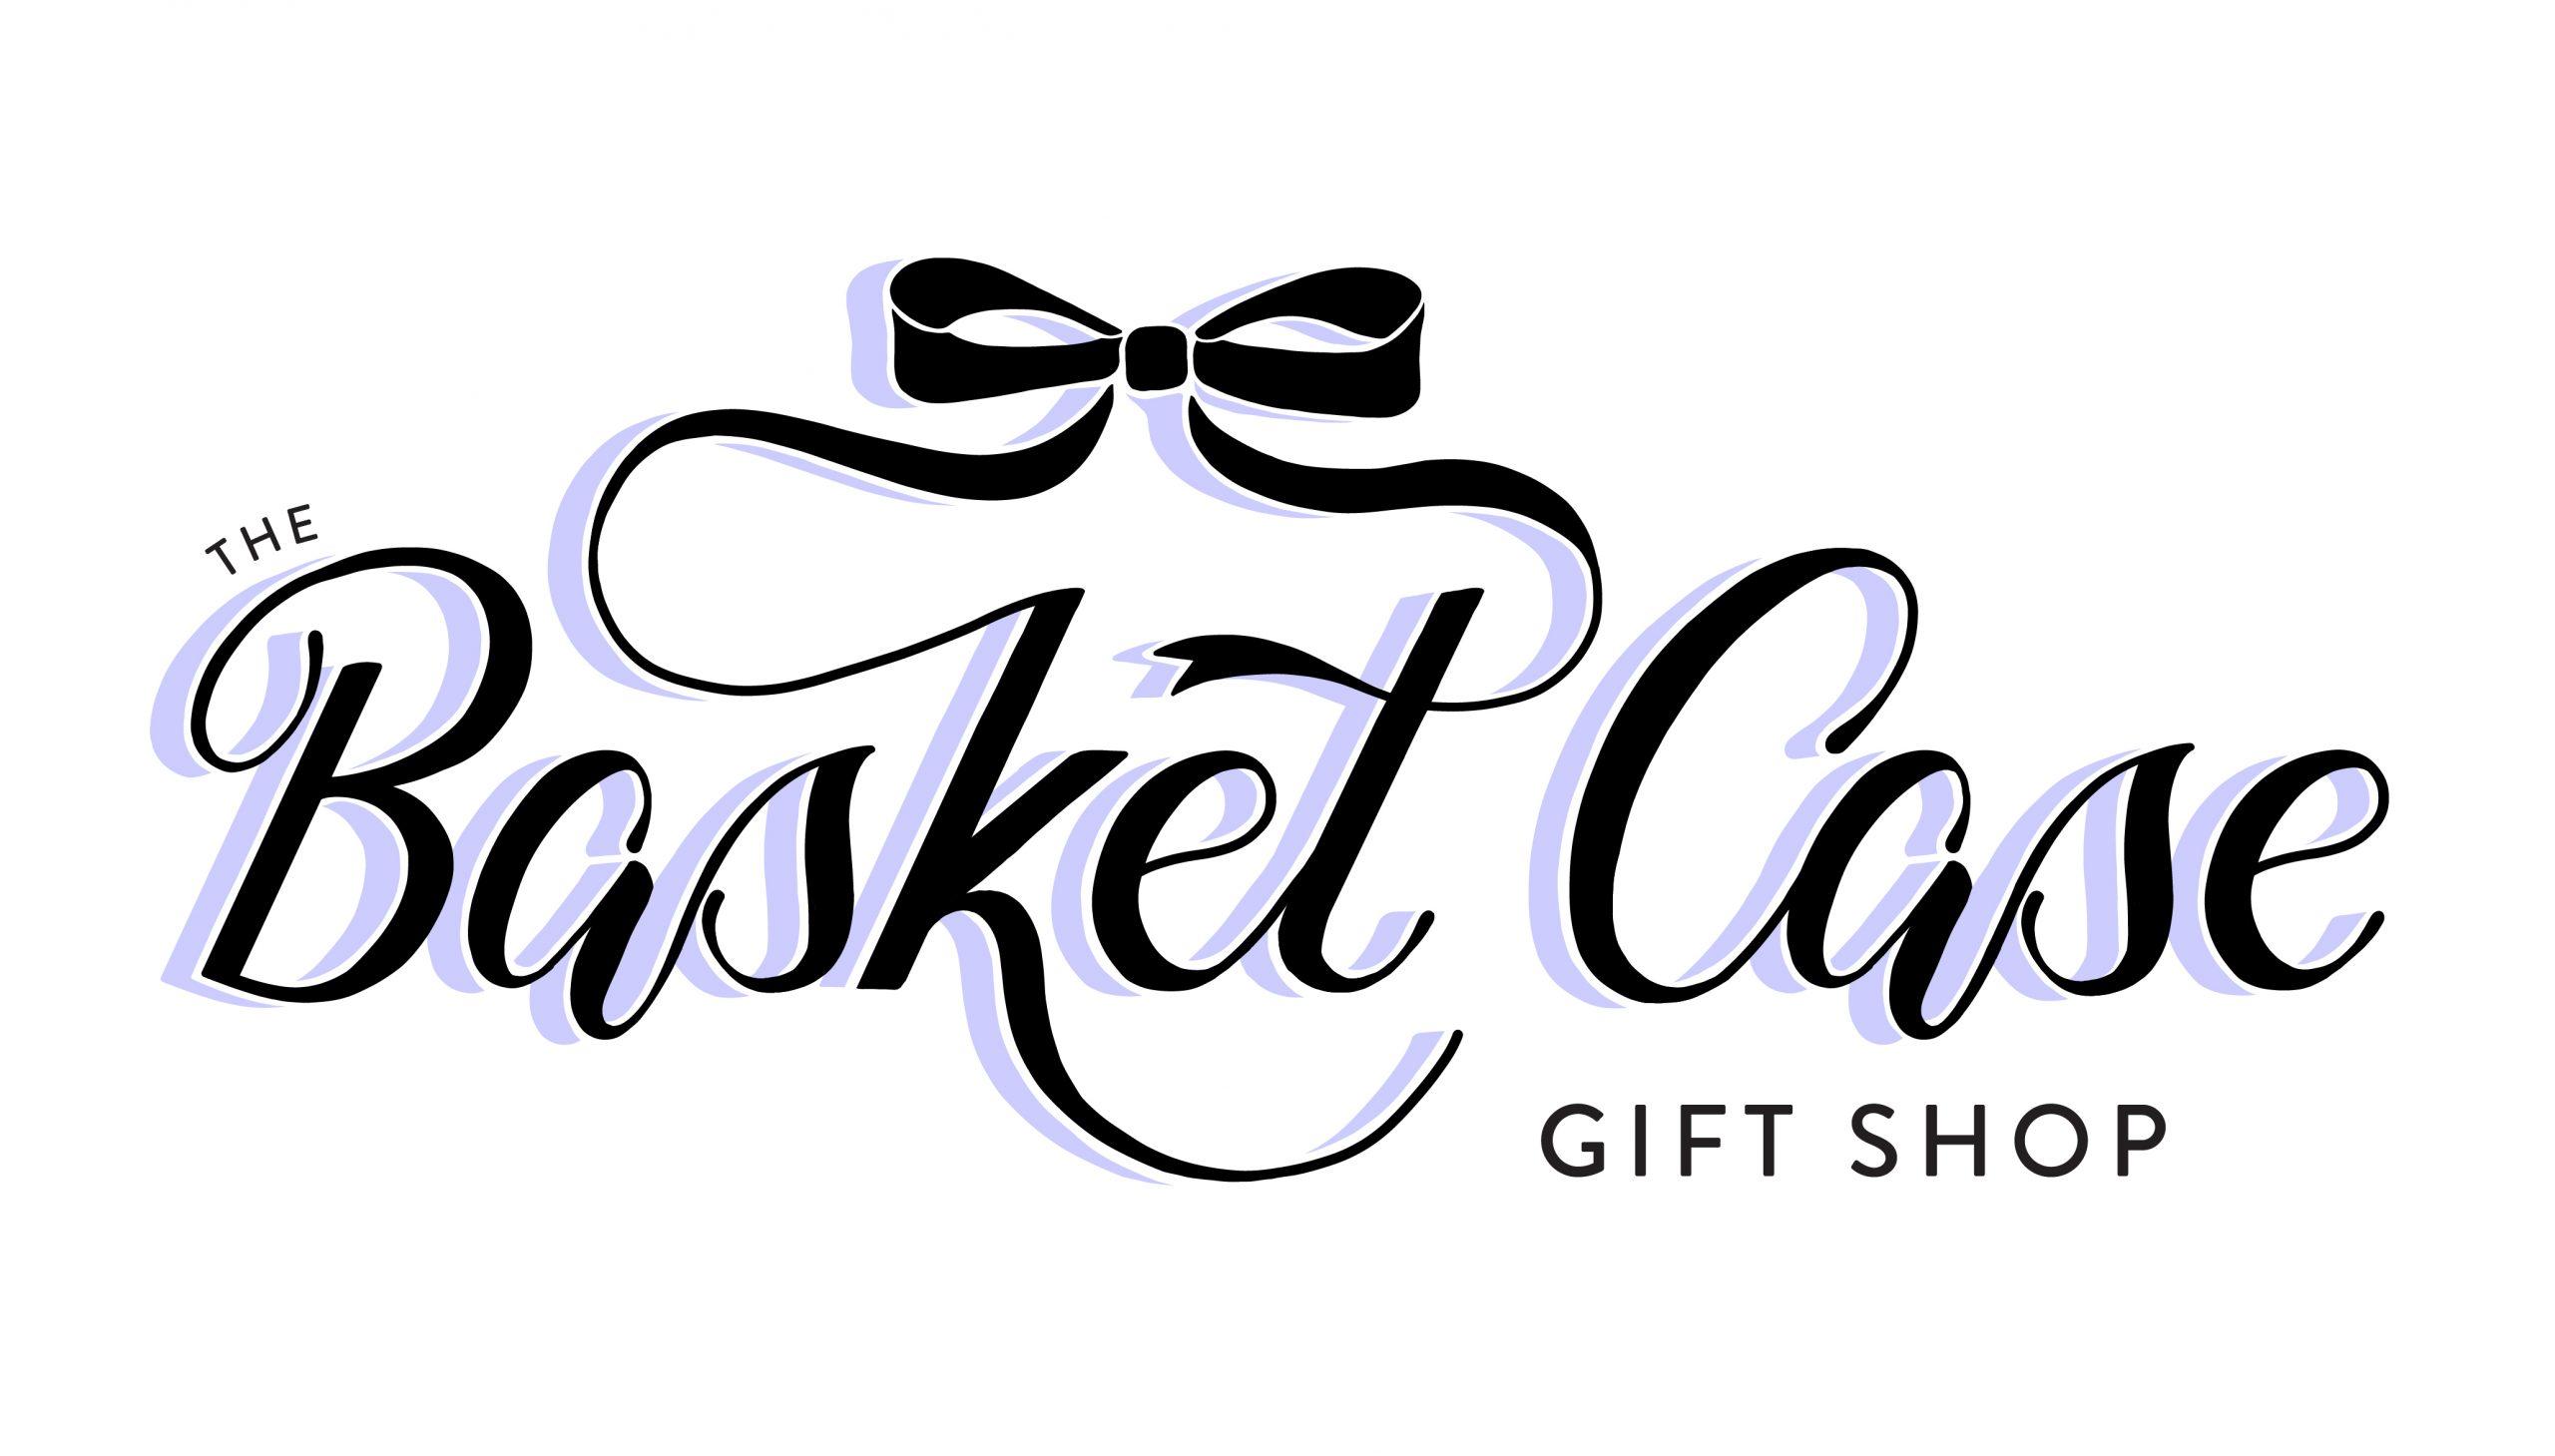 Basket Case Gift Shop